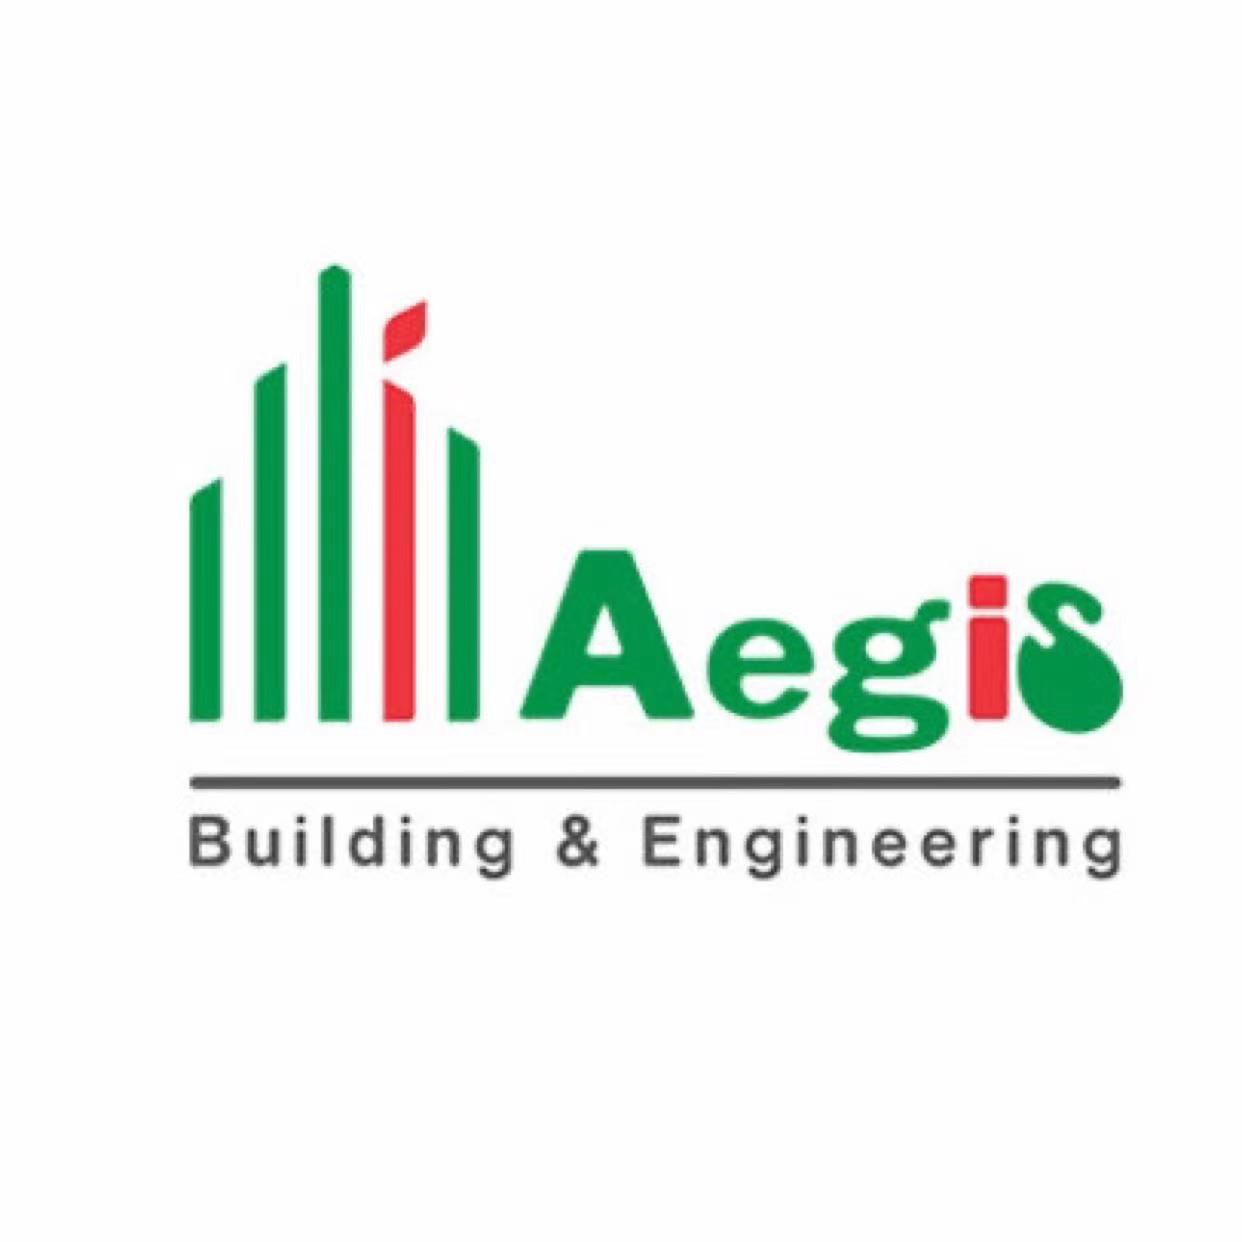 Aegis BuildingEngineering Pte.Ltd管理系统